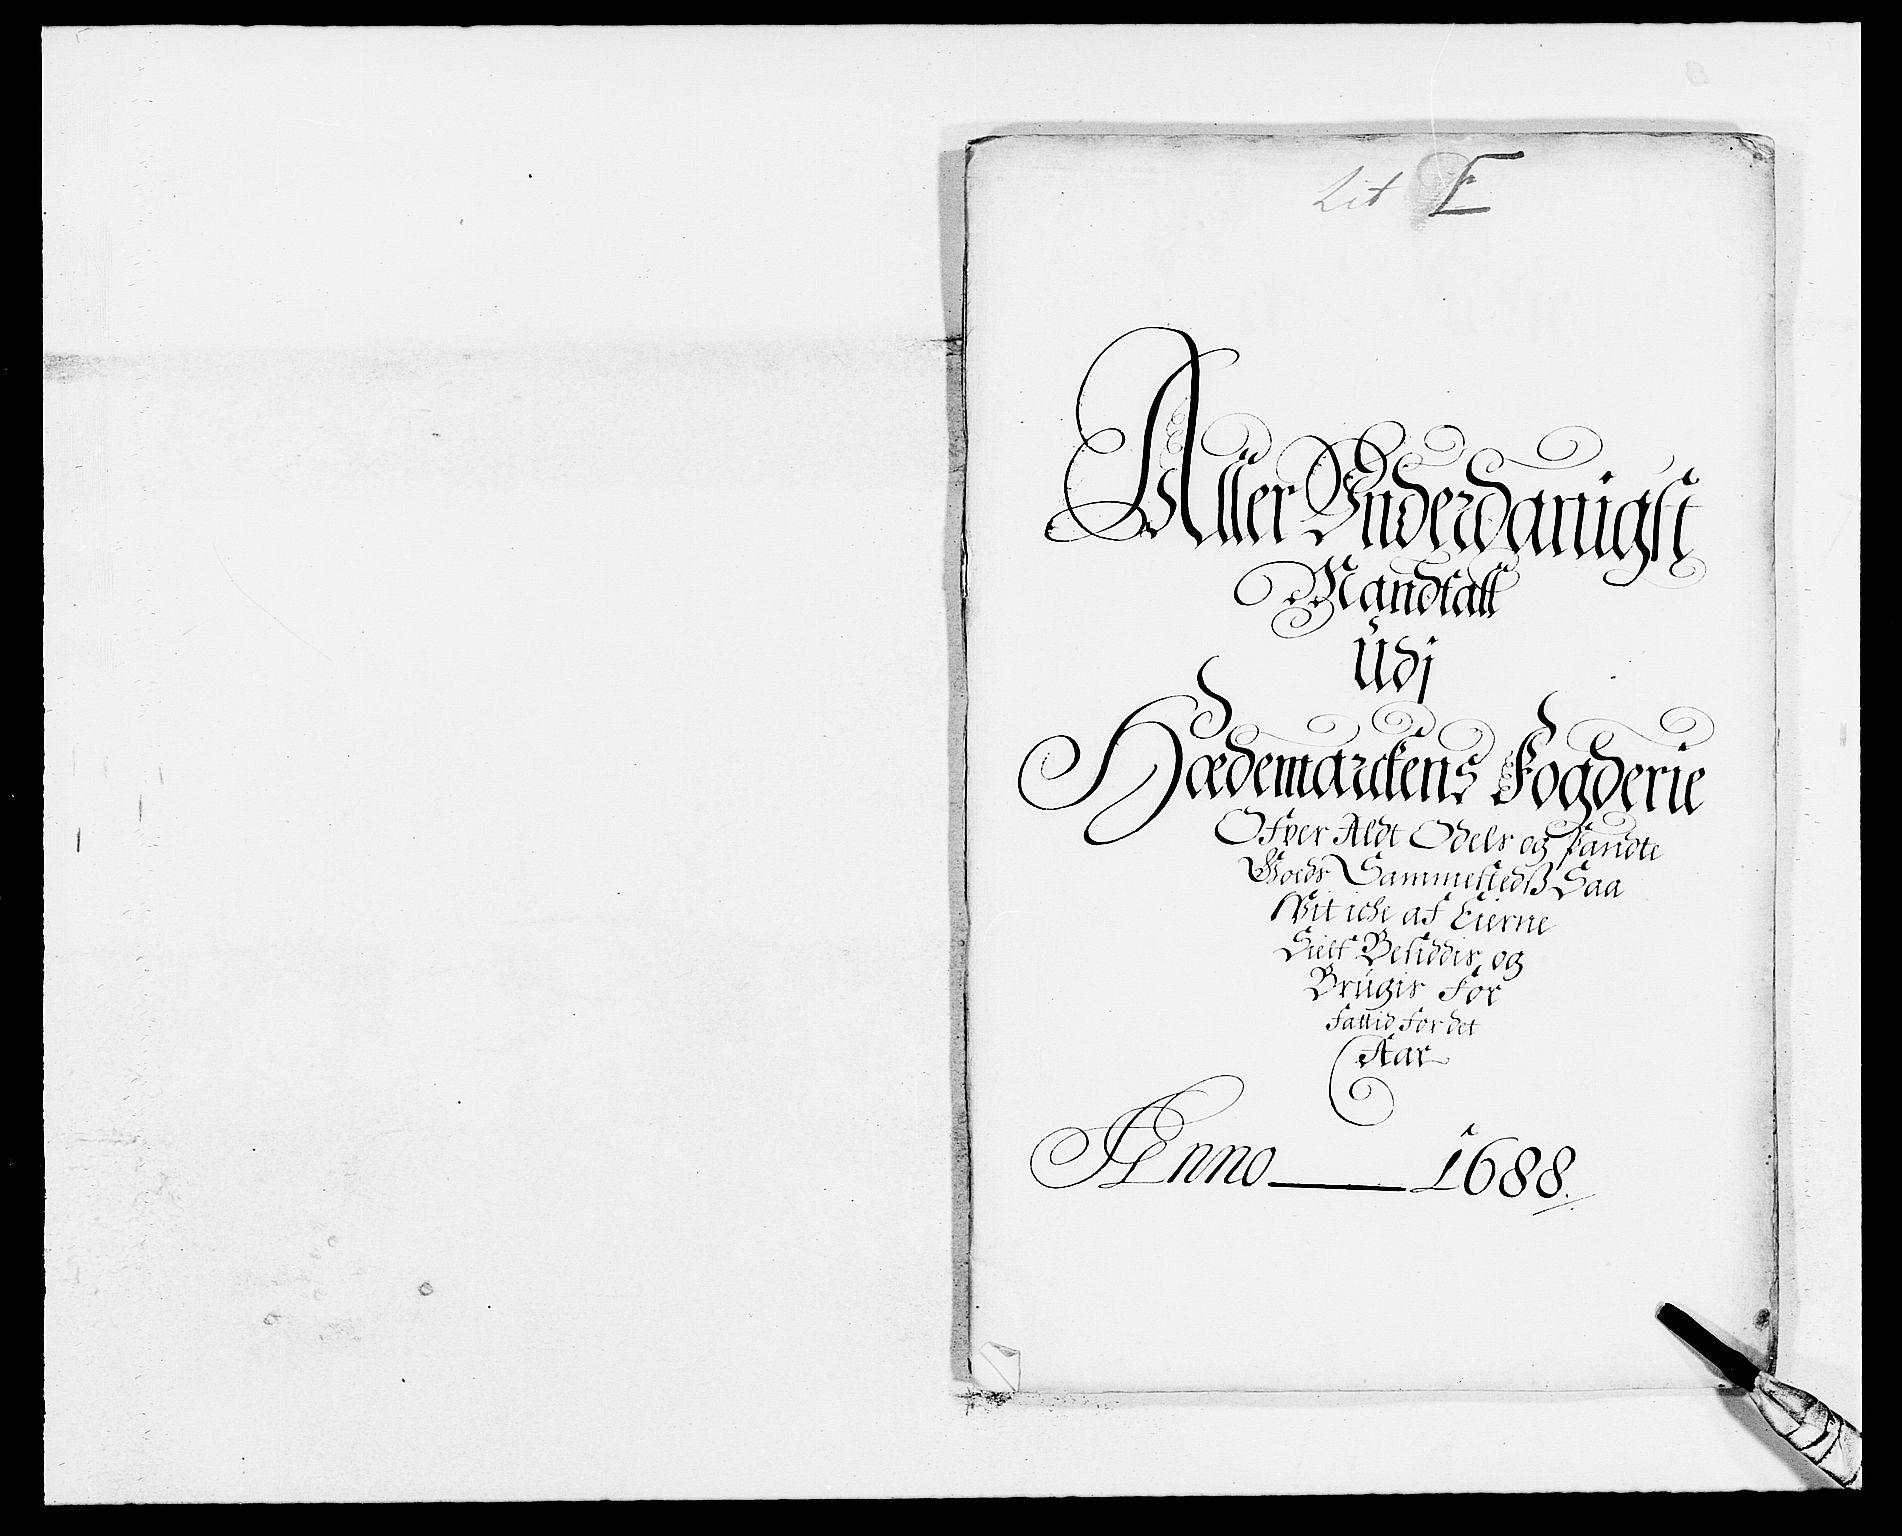 RA, Rentekammeret inntil 1814, Reviderte regnskaper, Fogderegnskap, R16/L1029: Fogderegnskap Hedmark, 1688, s. 260